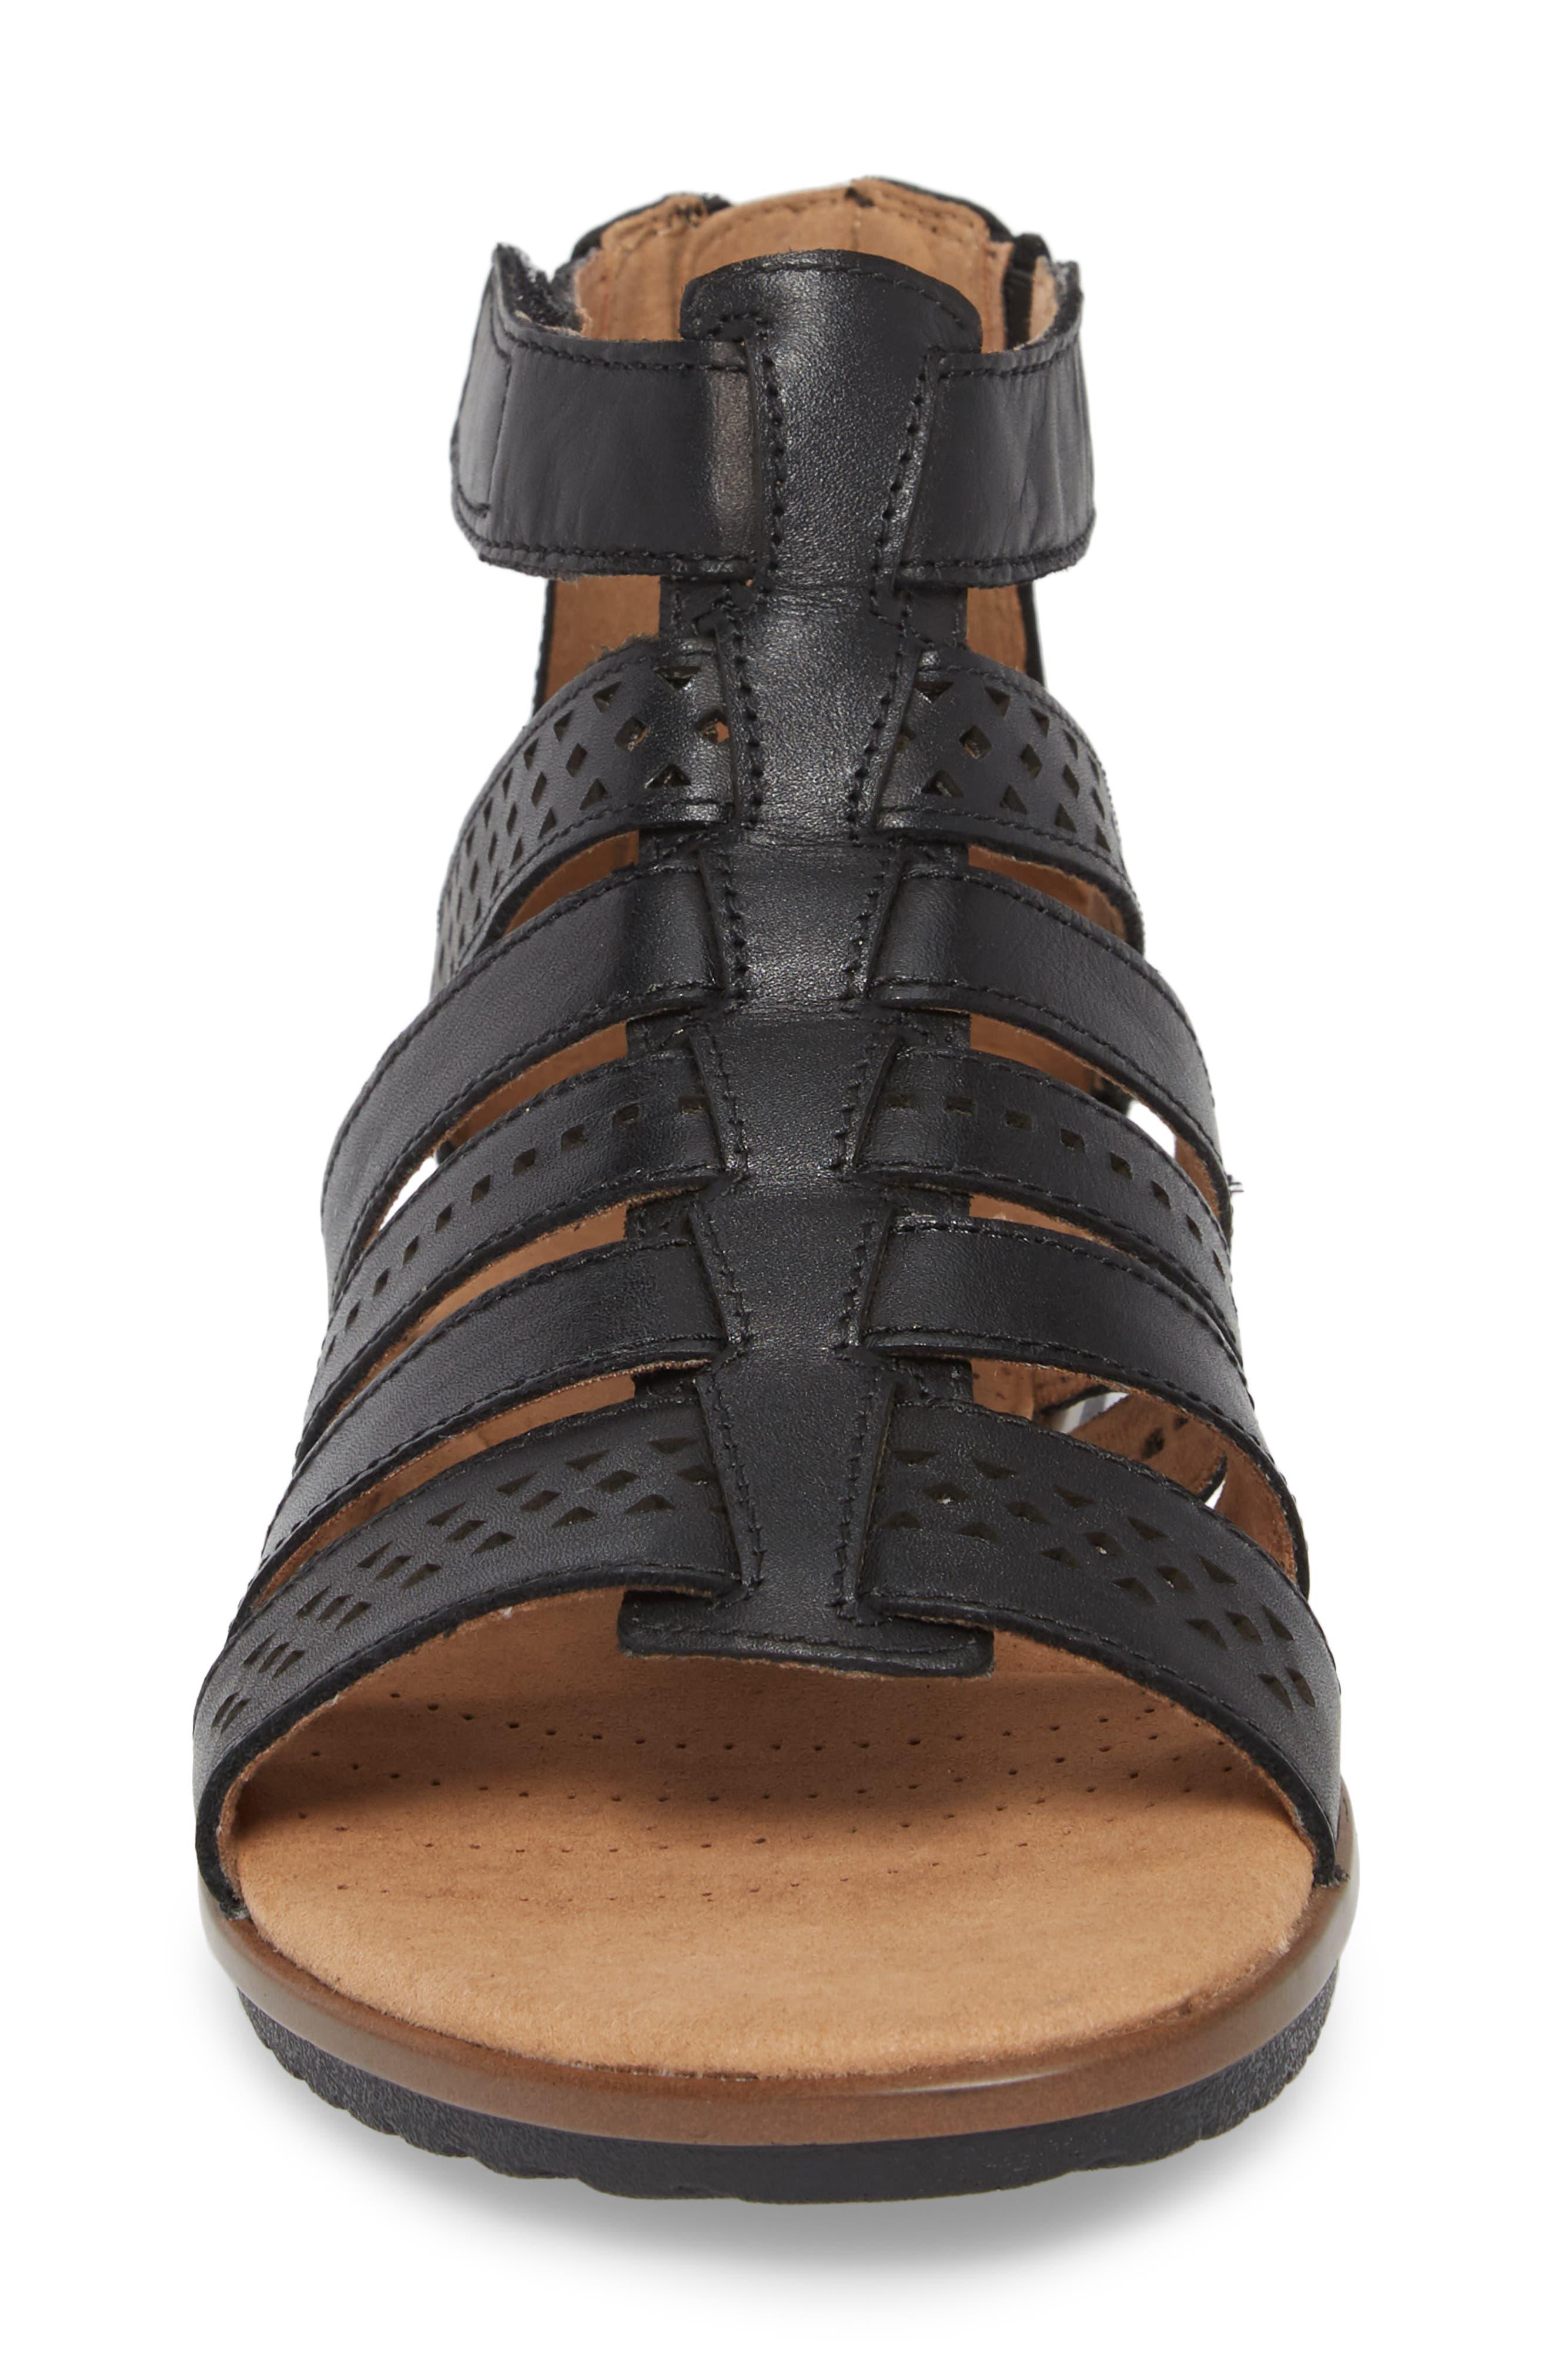 Kele Lotus Sandal,                             Alternate thumbnail 4, color,                             BLACK LEATHER